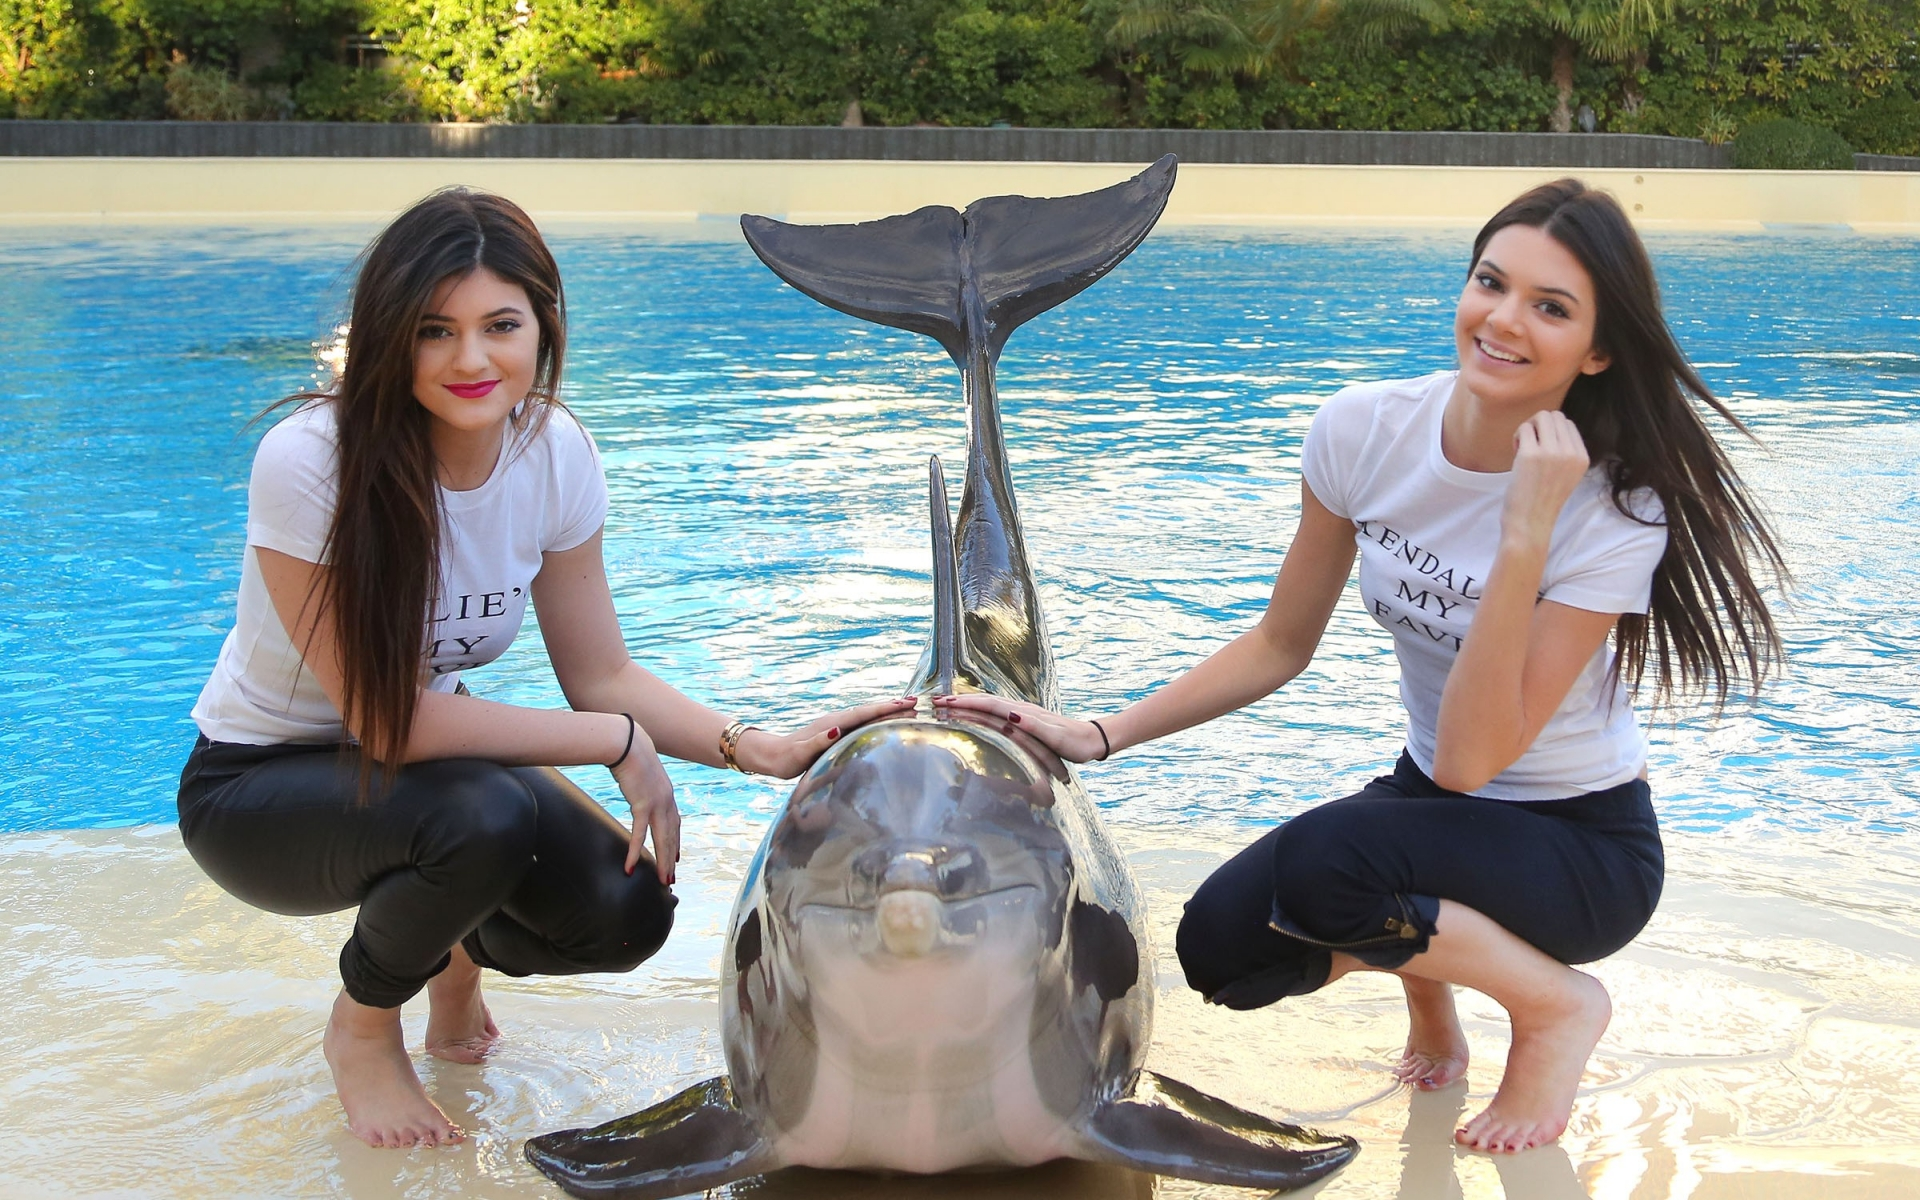 Chicas y un delfín - 1920x1200